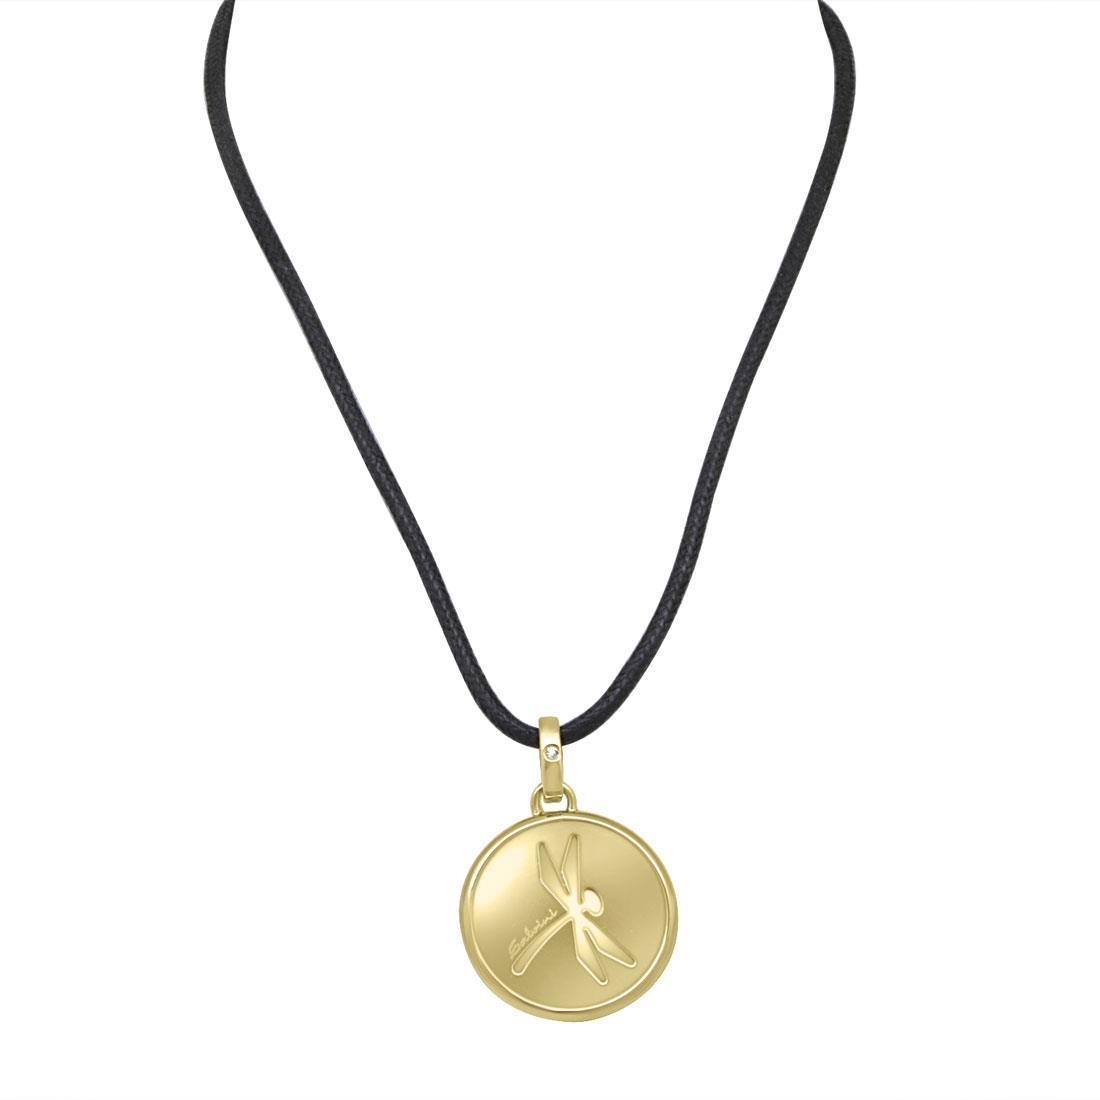 Collana in oro giallo con diamante ct 0.007, lunghezza 60cm - SALVINI